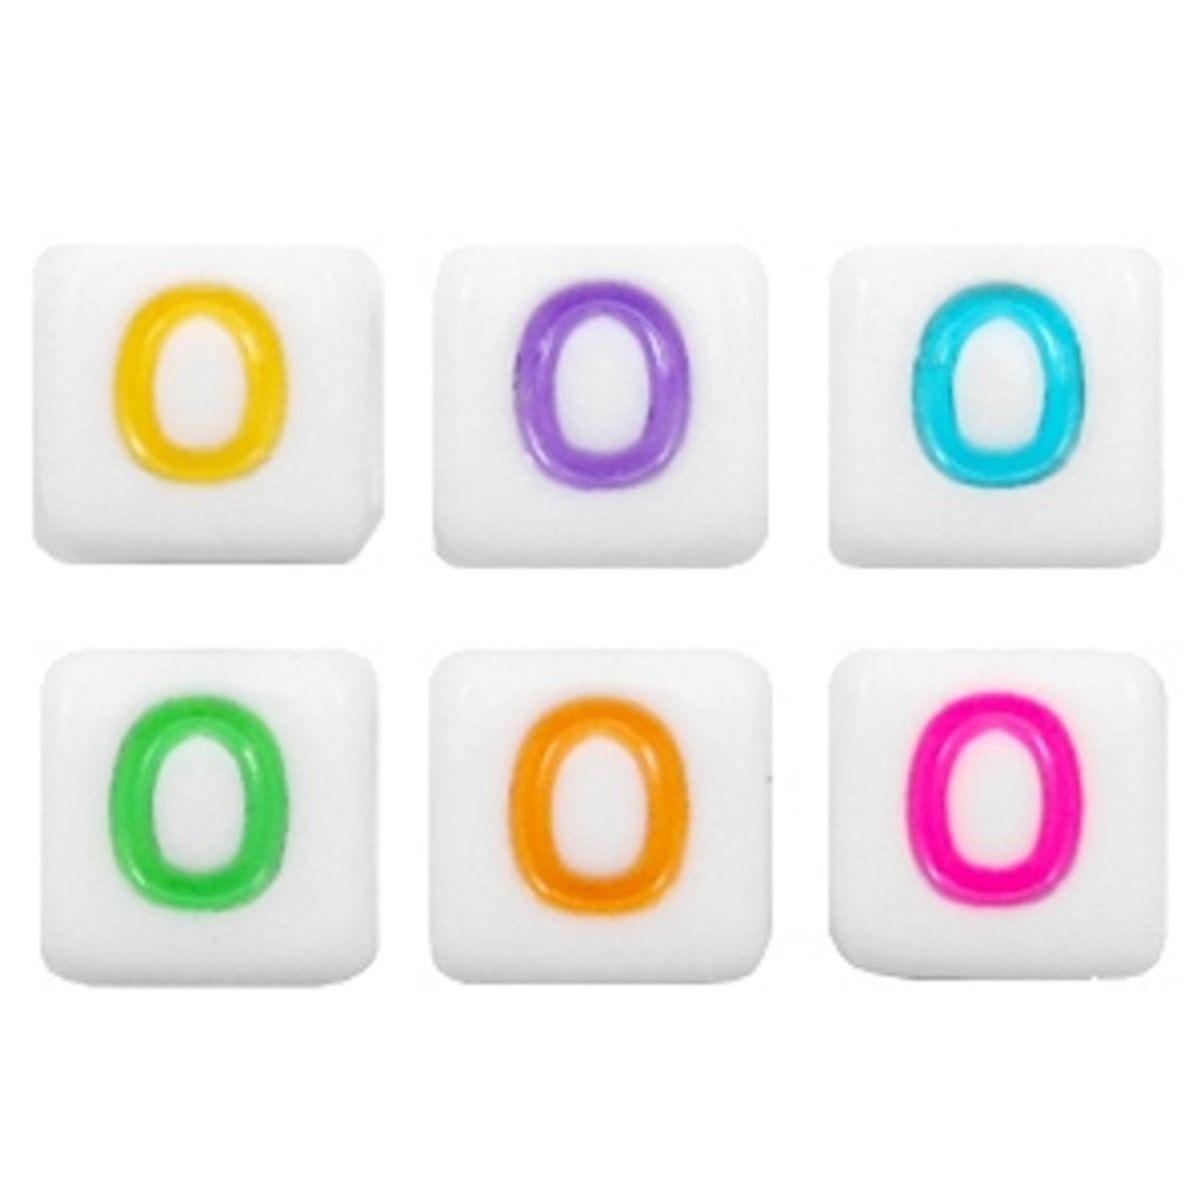 Buchstabenperlen Acryl - 10 Stück - 6 x 6 mm